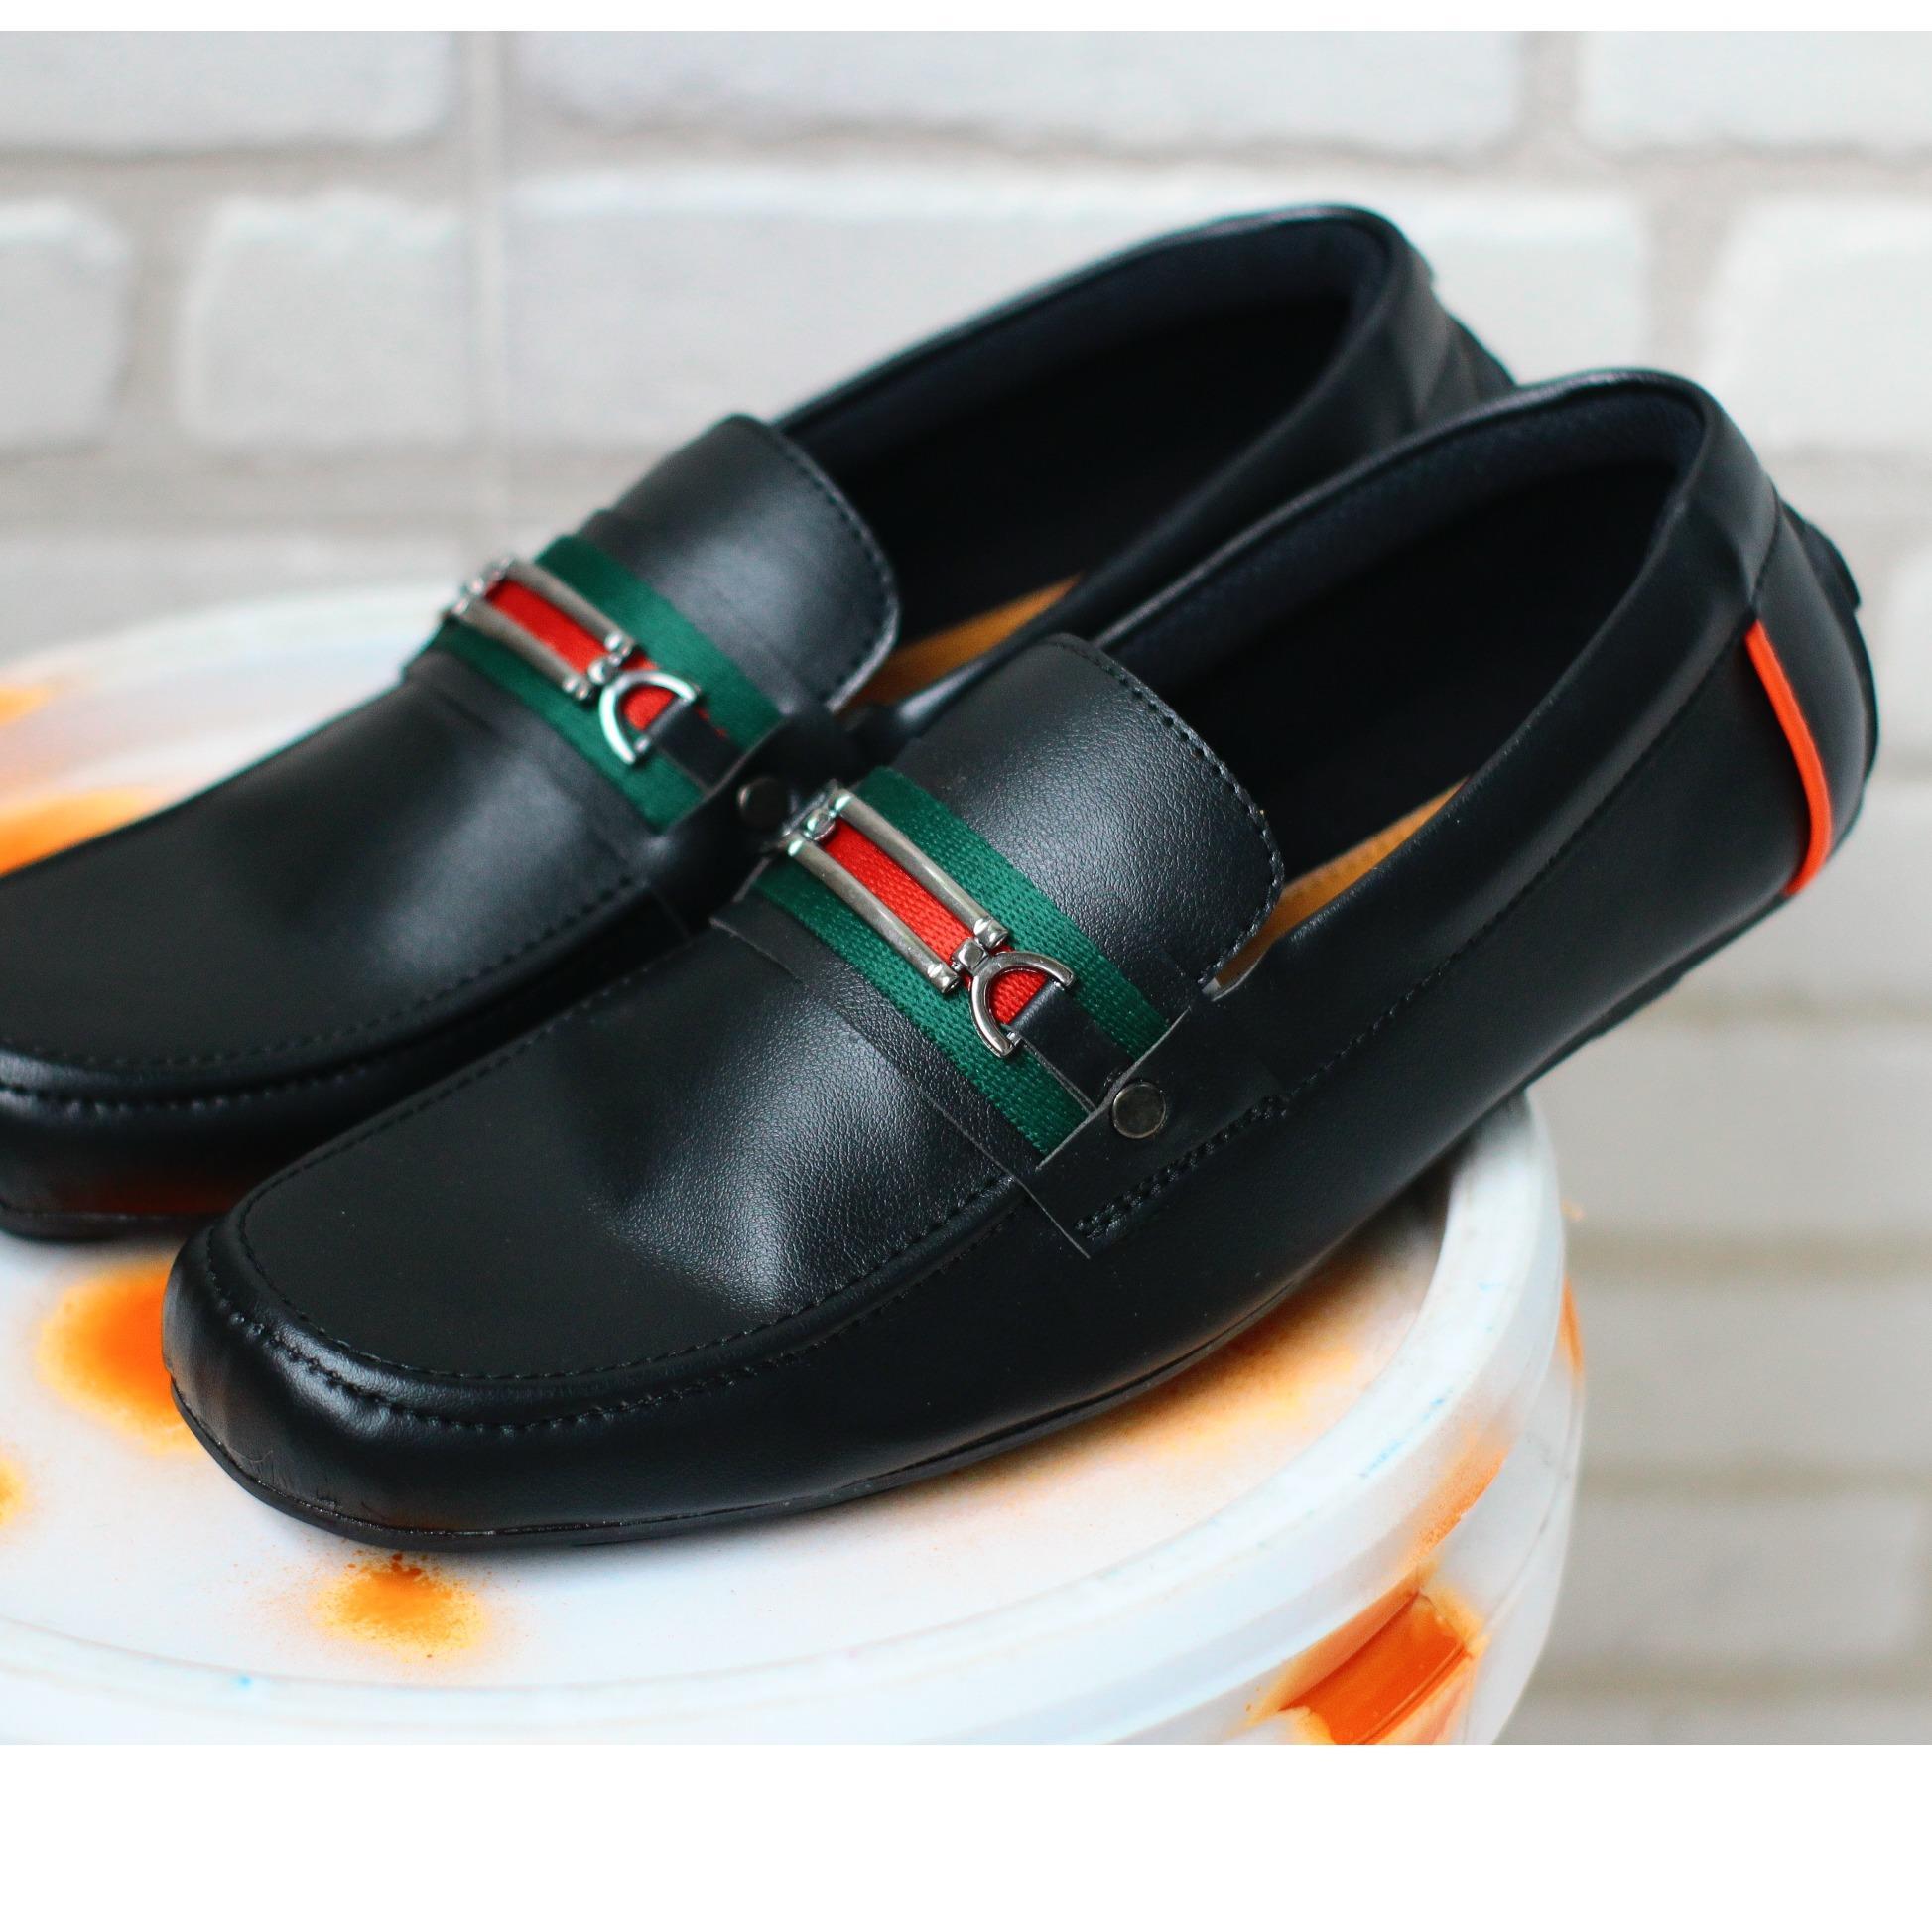 sepatu loafers pria/ sepatu guci slop / sepatu kasual slip on/ sepatu gucci pria / sepatu gesper casual kantor ( lokal )